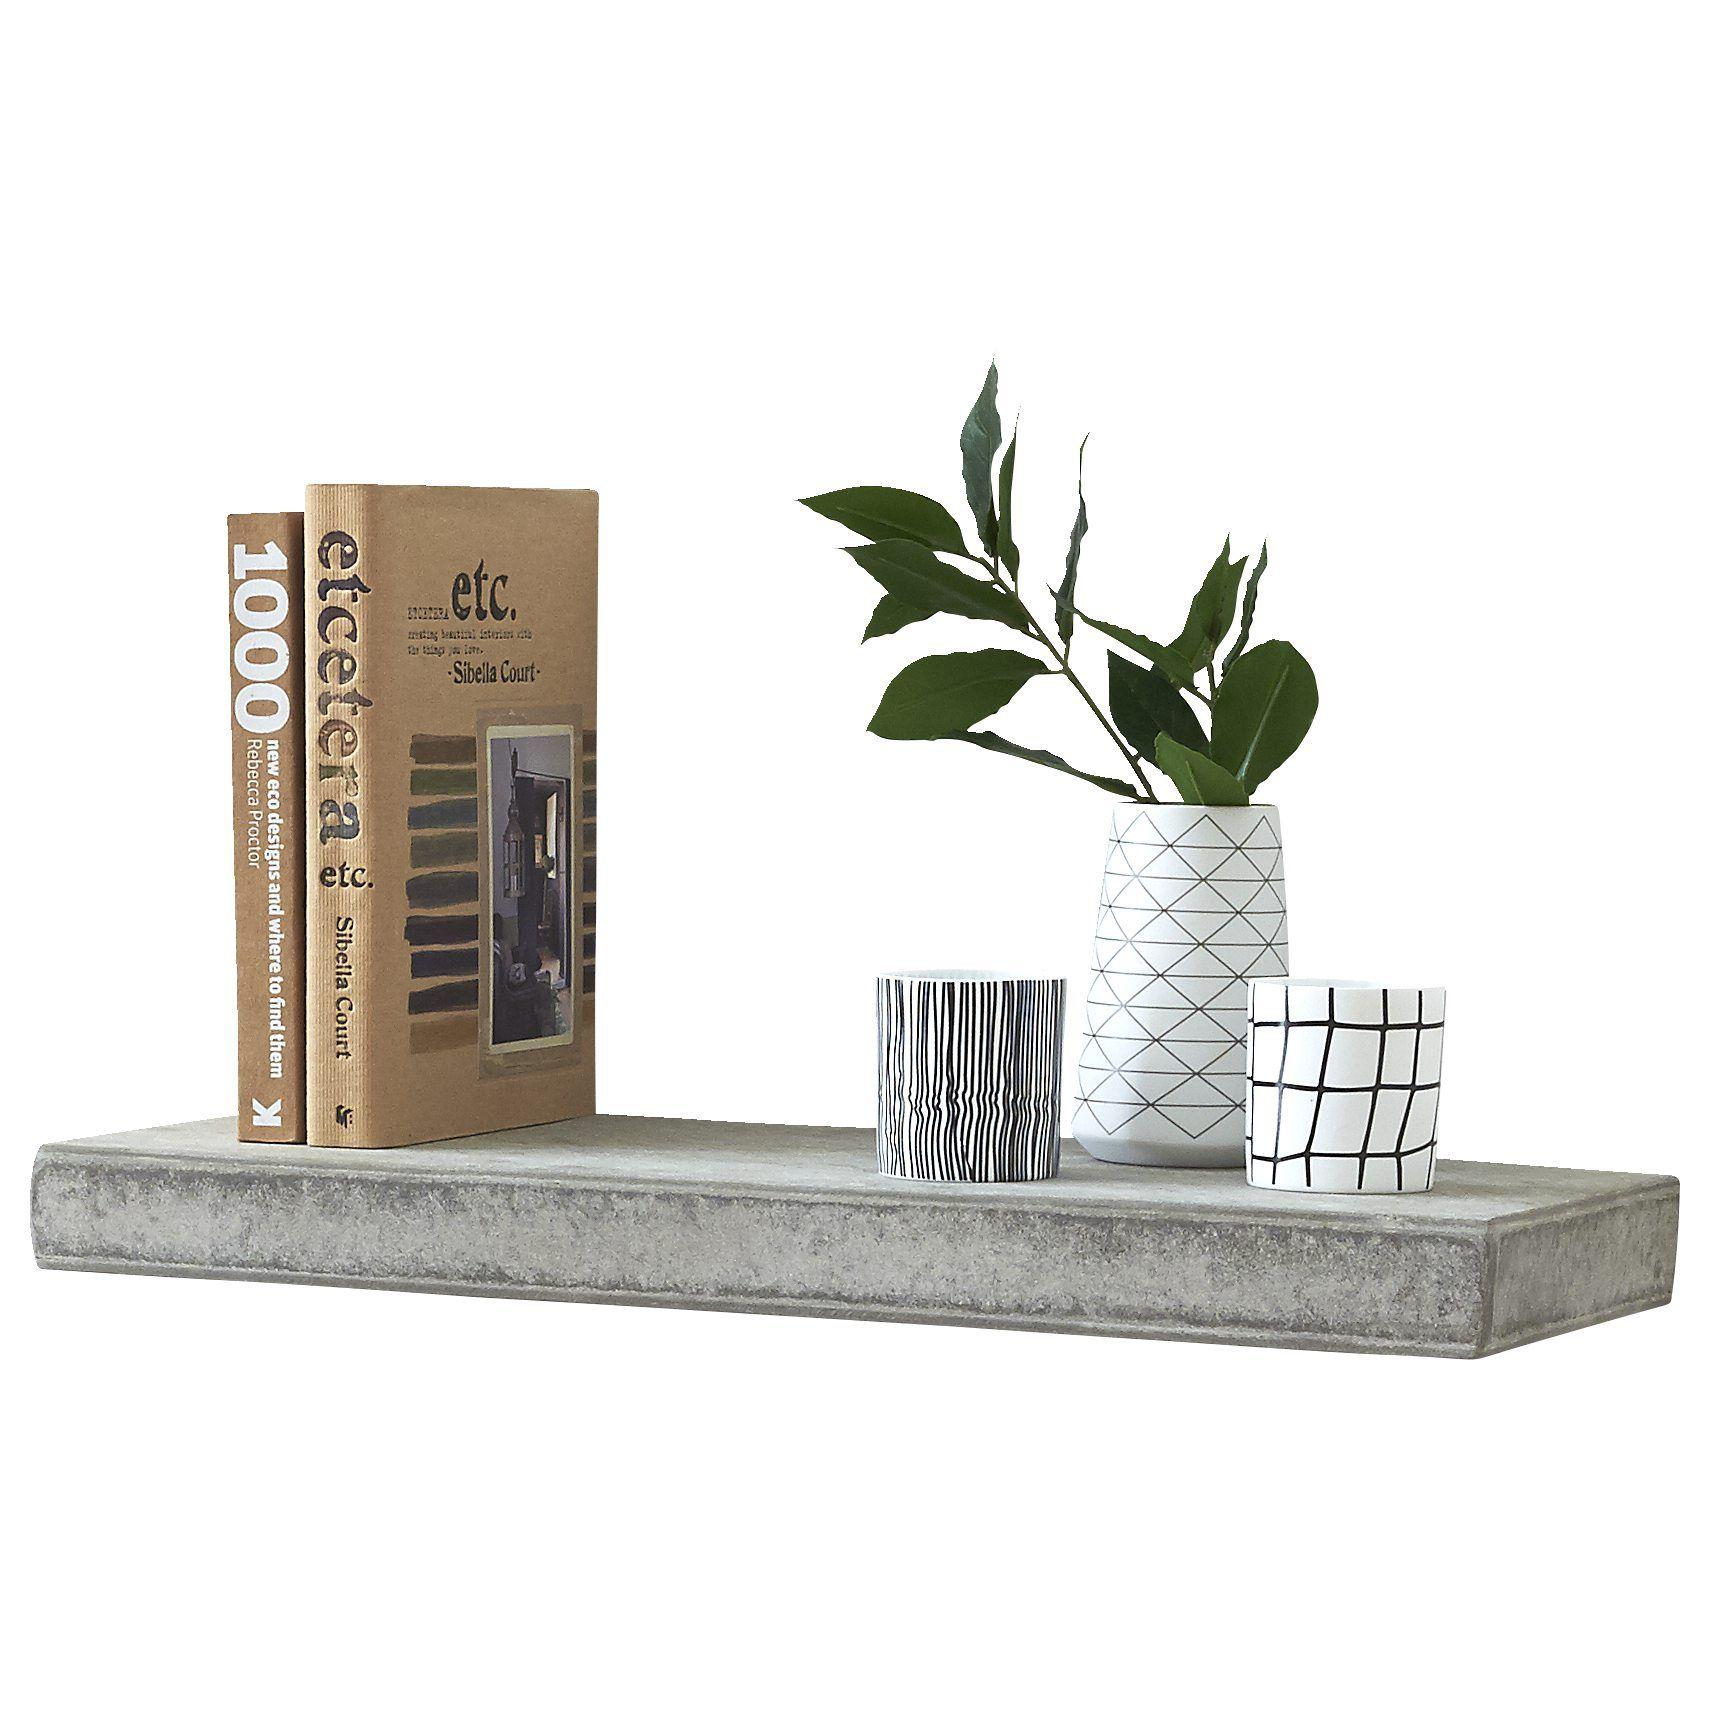 Forskellige GRANDEBOARD Cement hylde | House | Cement, Hylde og Opbevaring OJ05